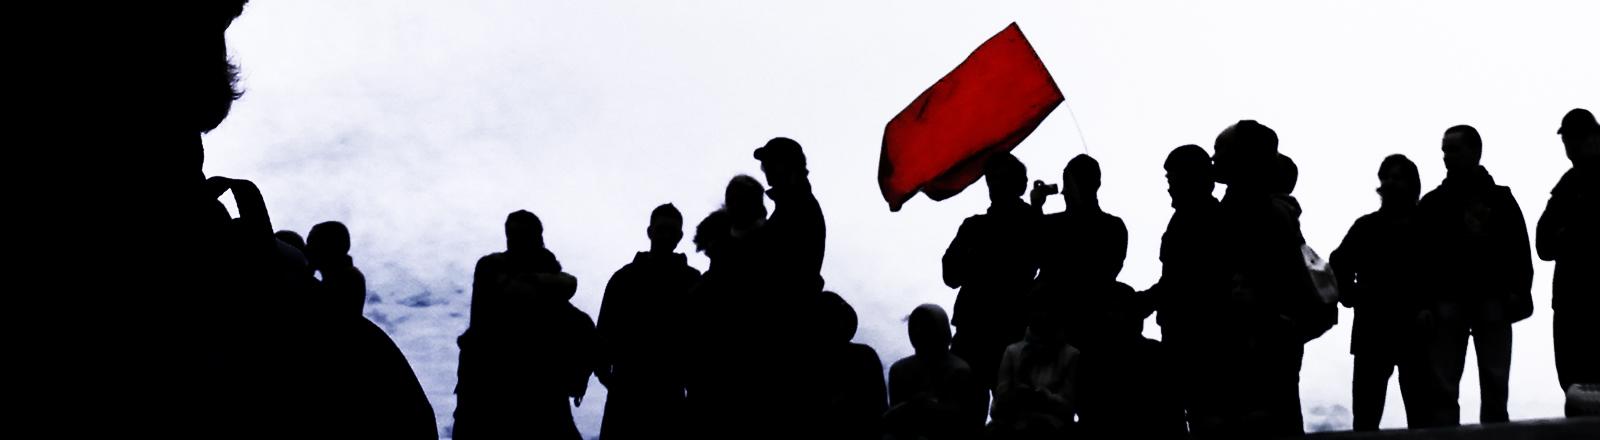 Mehrere Personen, nur als schwarze Schemen zu erkennen, haben sich unter einer roten Flagge versammelt.